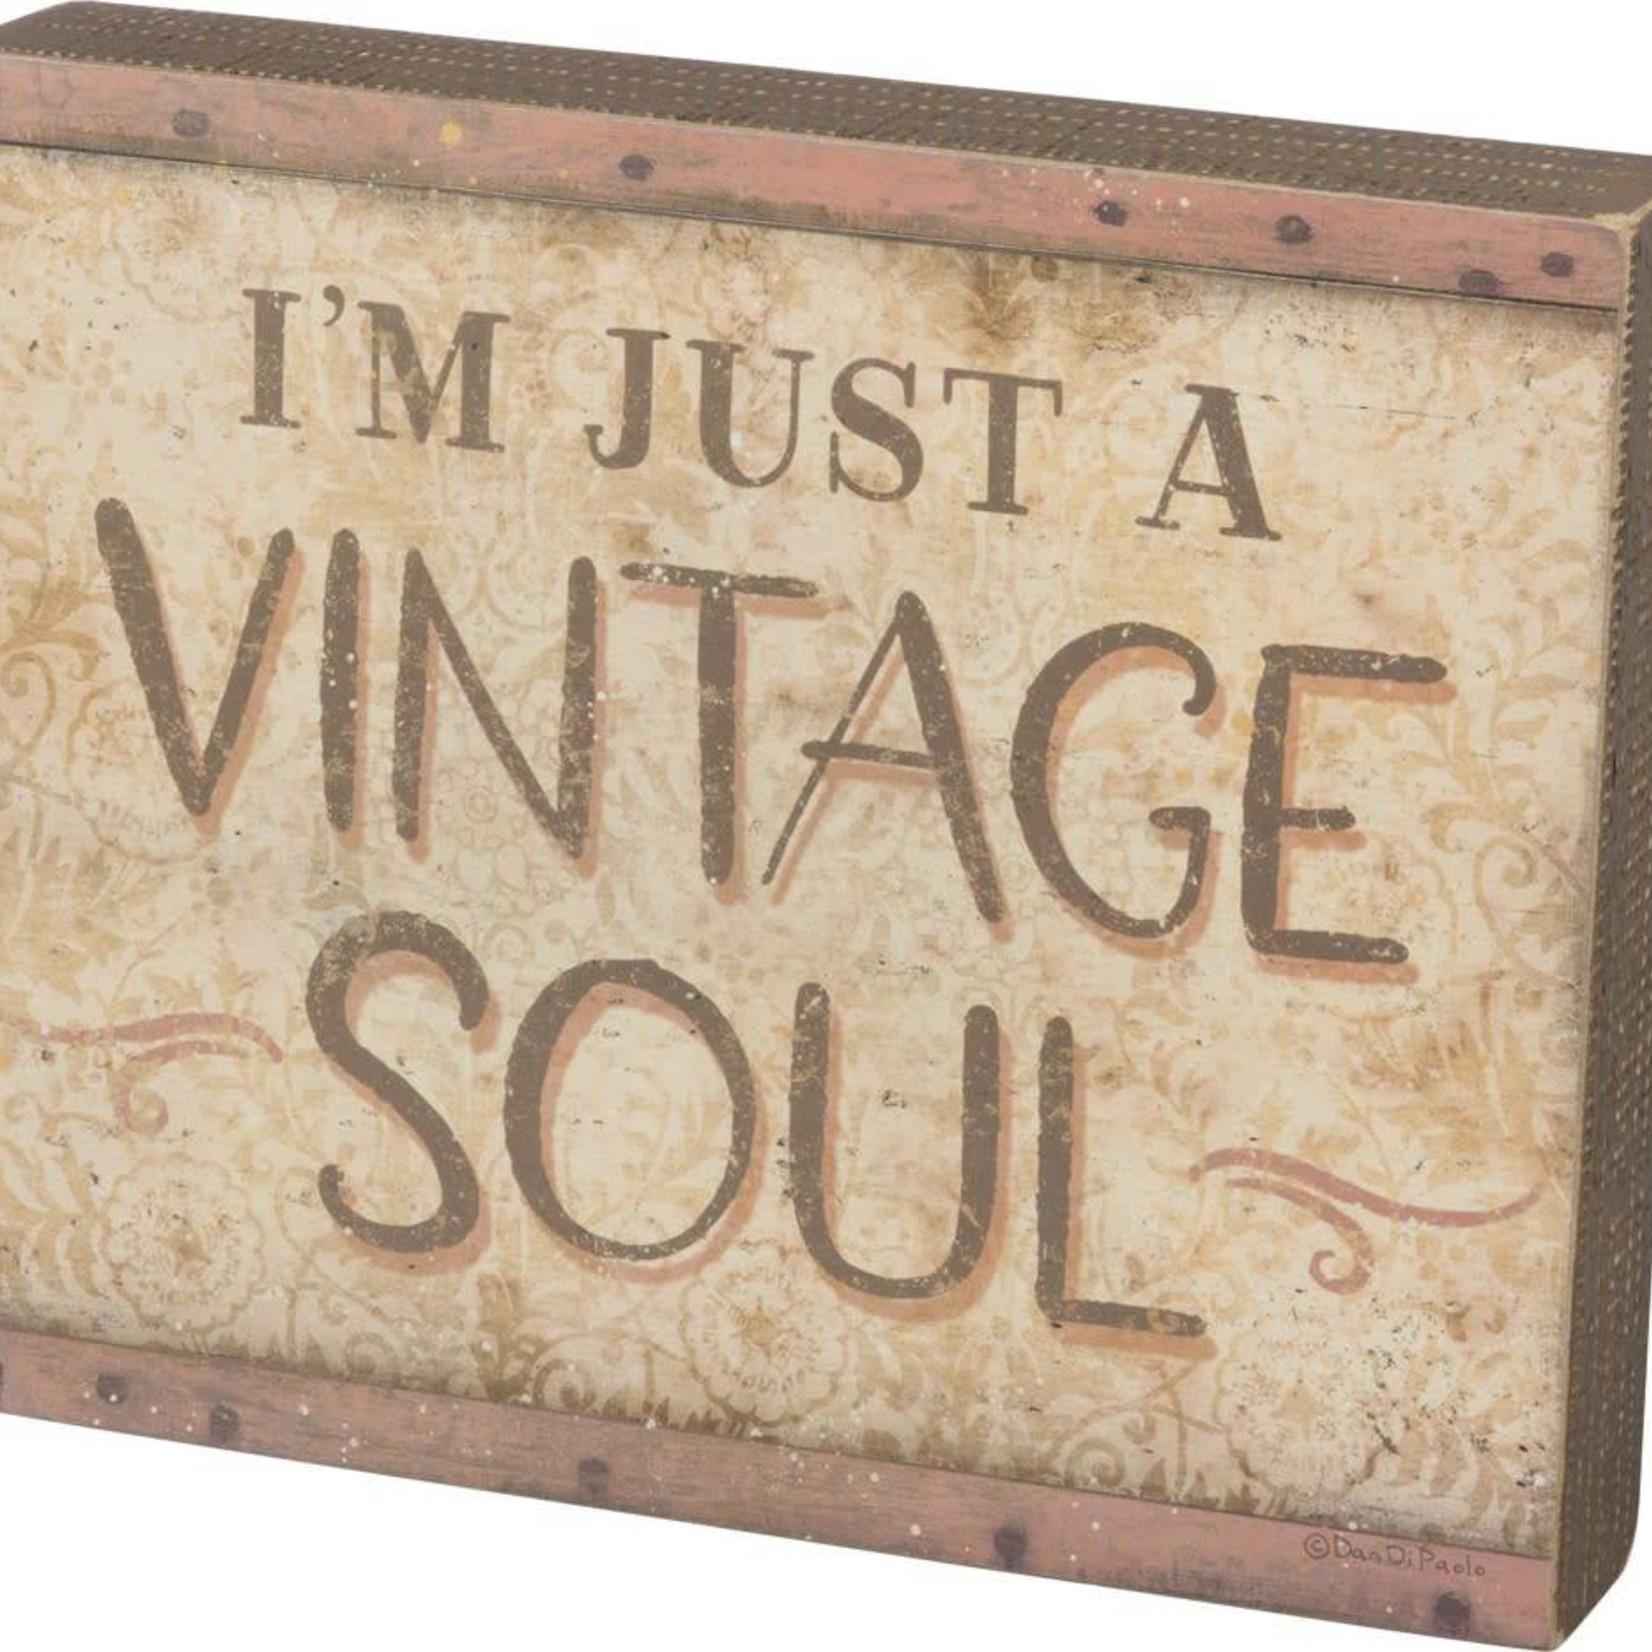 I'm Just A Vintage Soul 100276